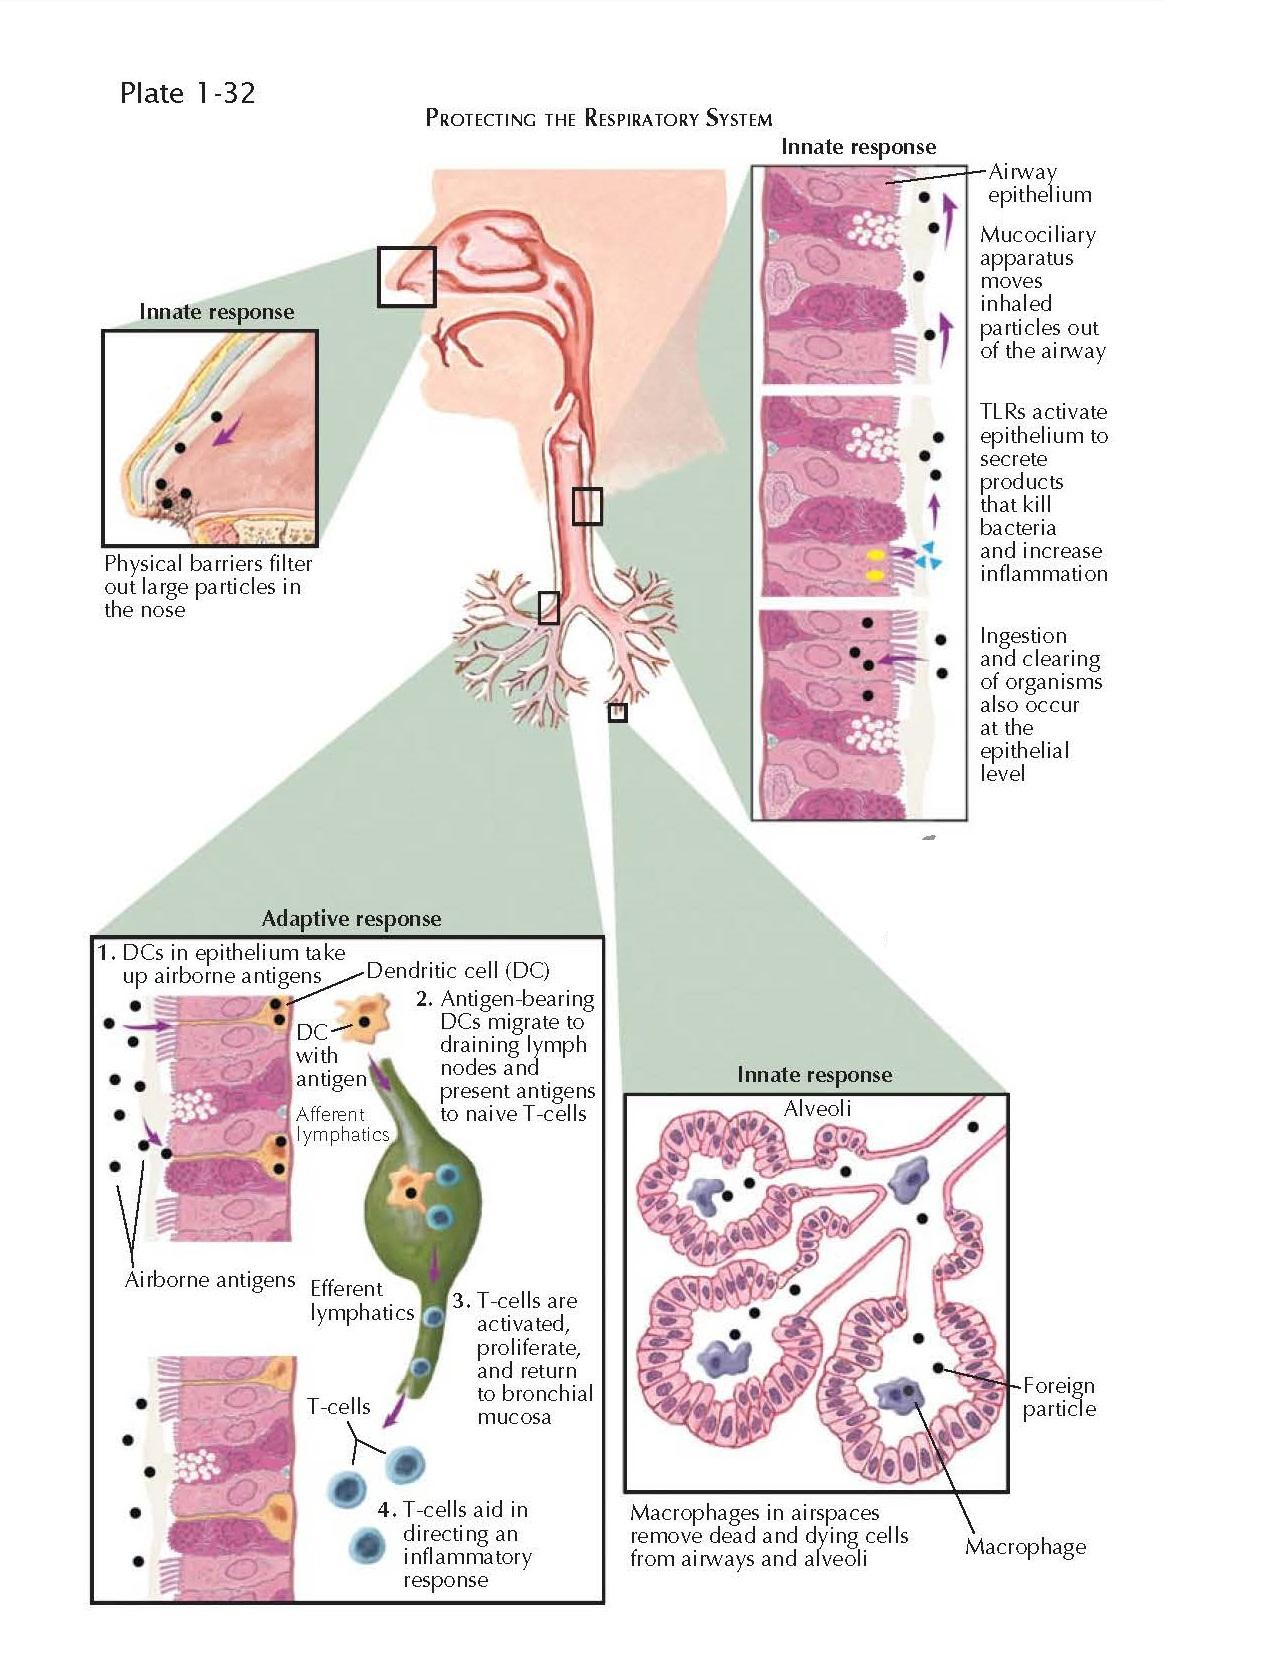 PULMONARY IMMUNOLOGY: LYMPHOCYTES, MAST CELLS, EOSINOPHILS, AND NEUTROPHILS